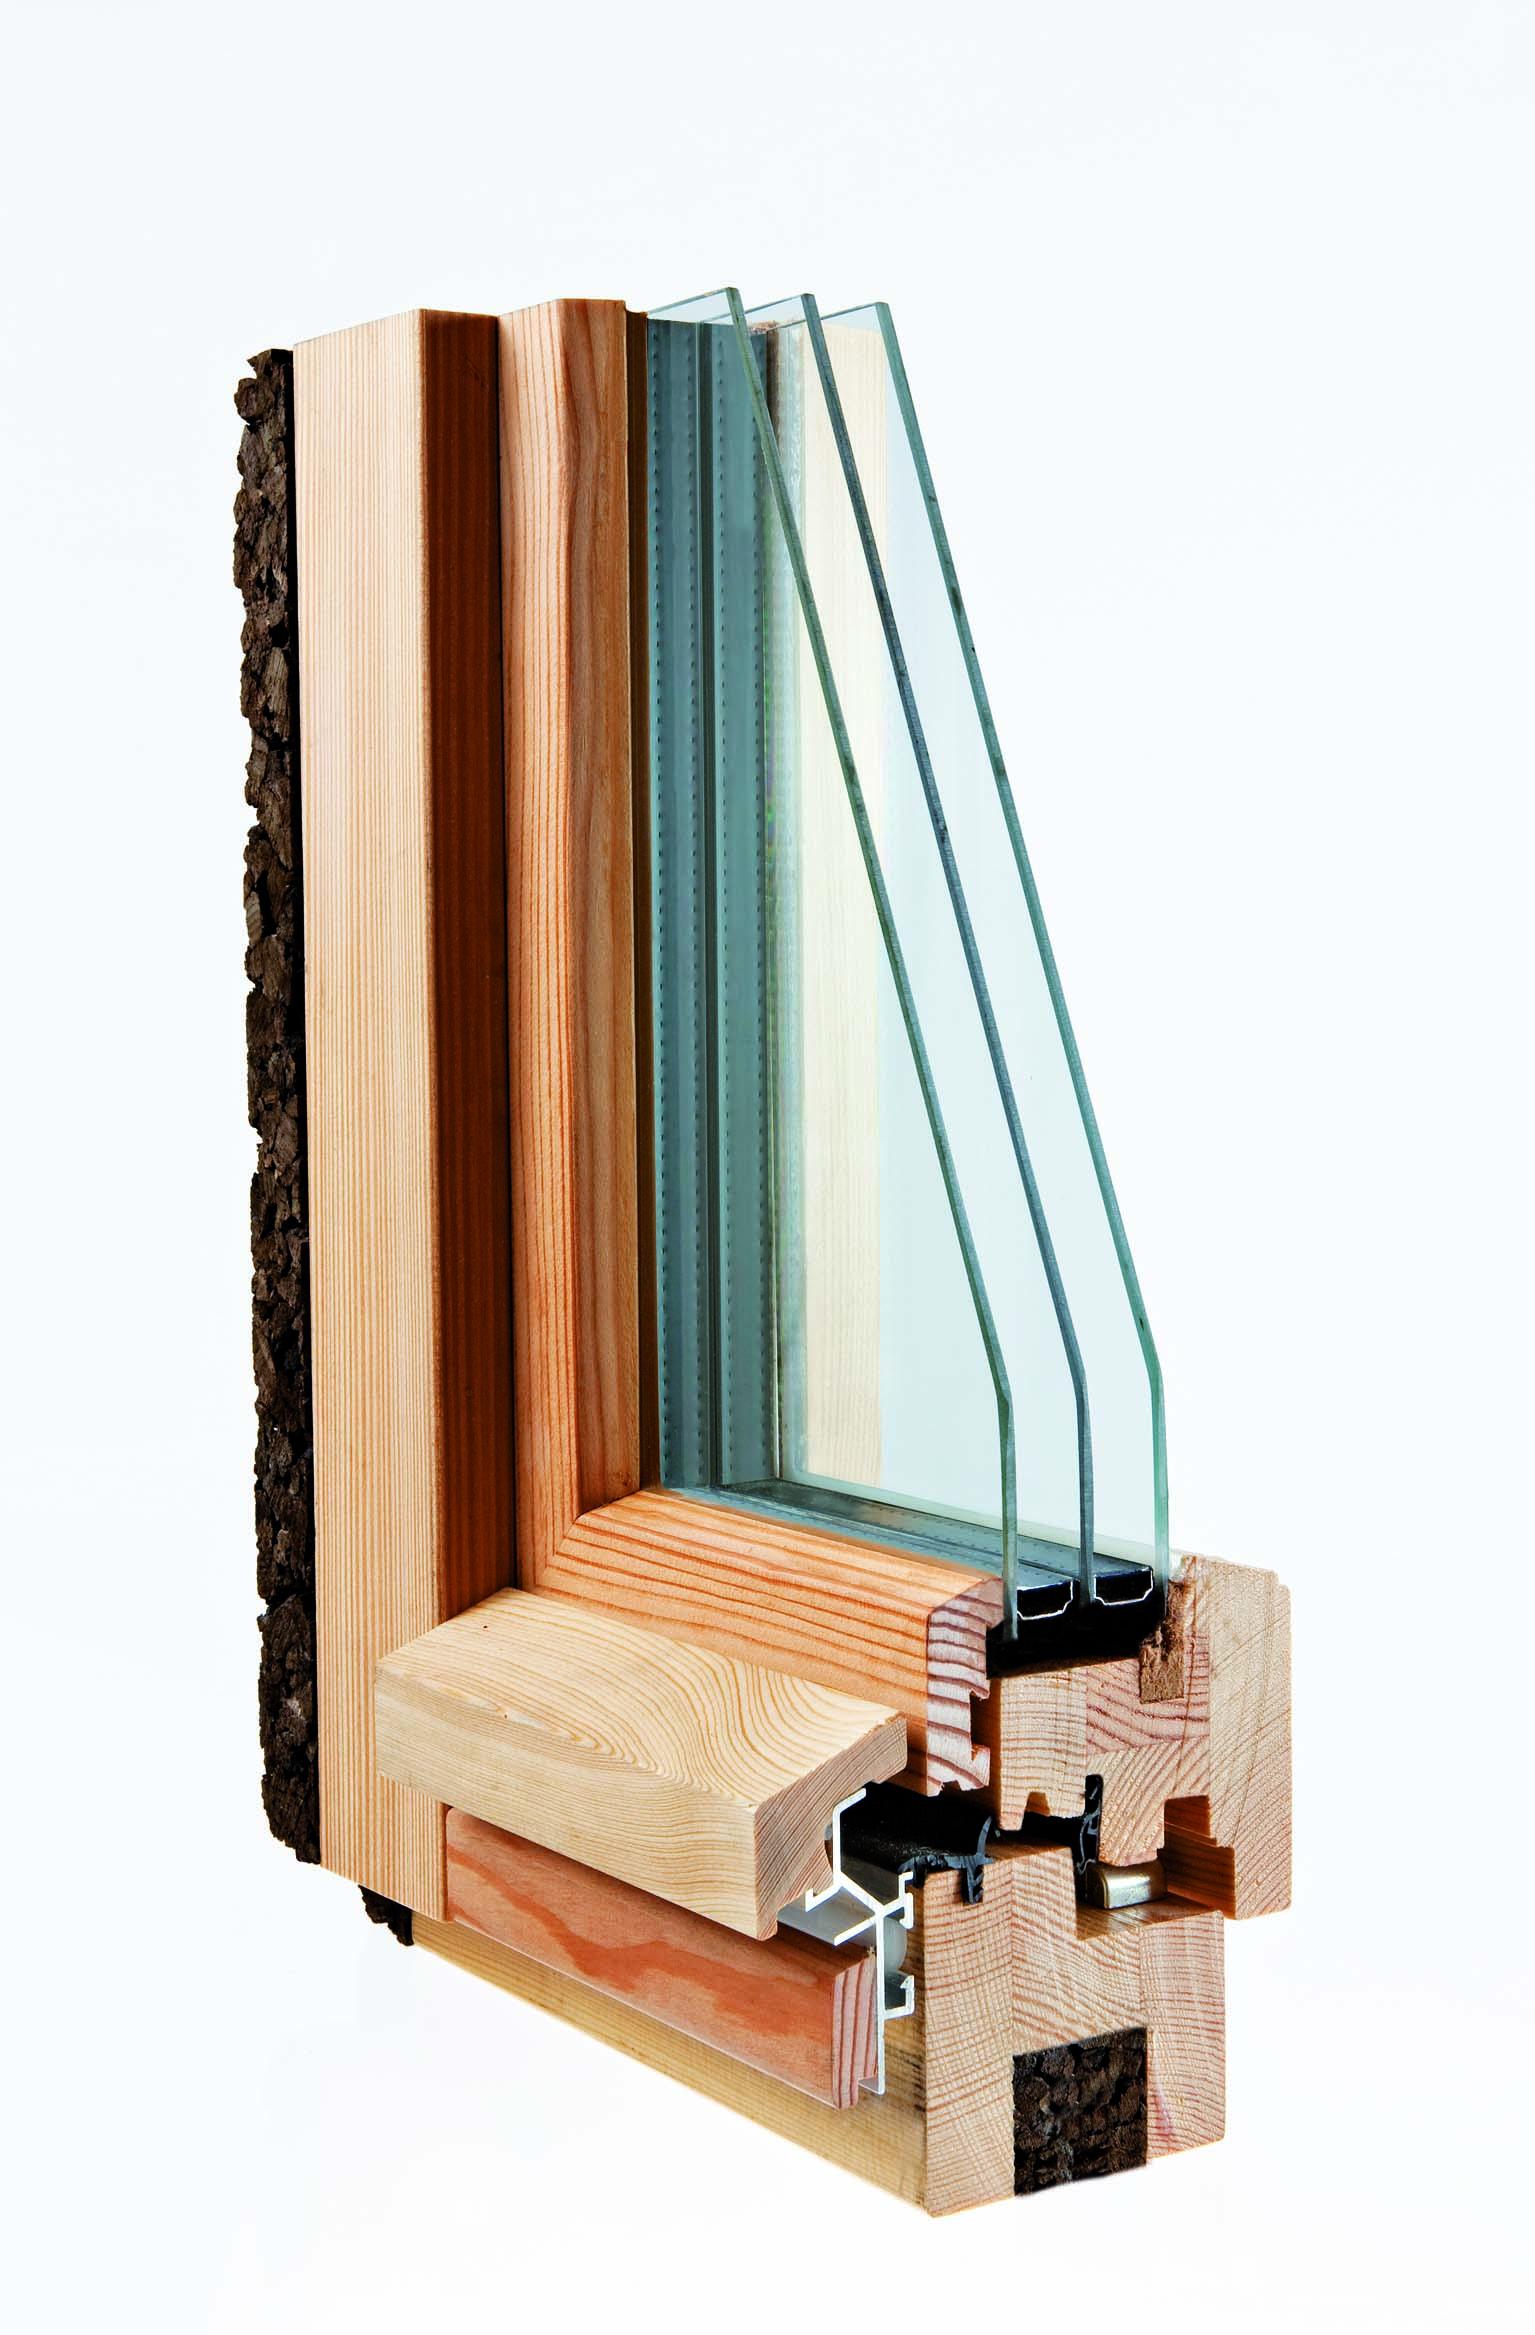 fenêtre passive en bois